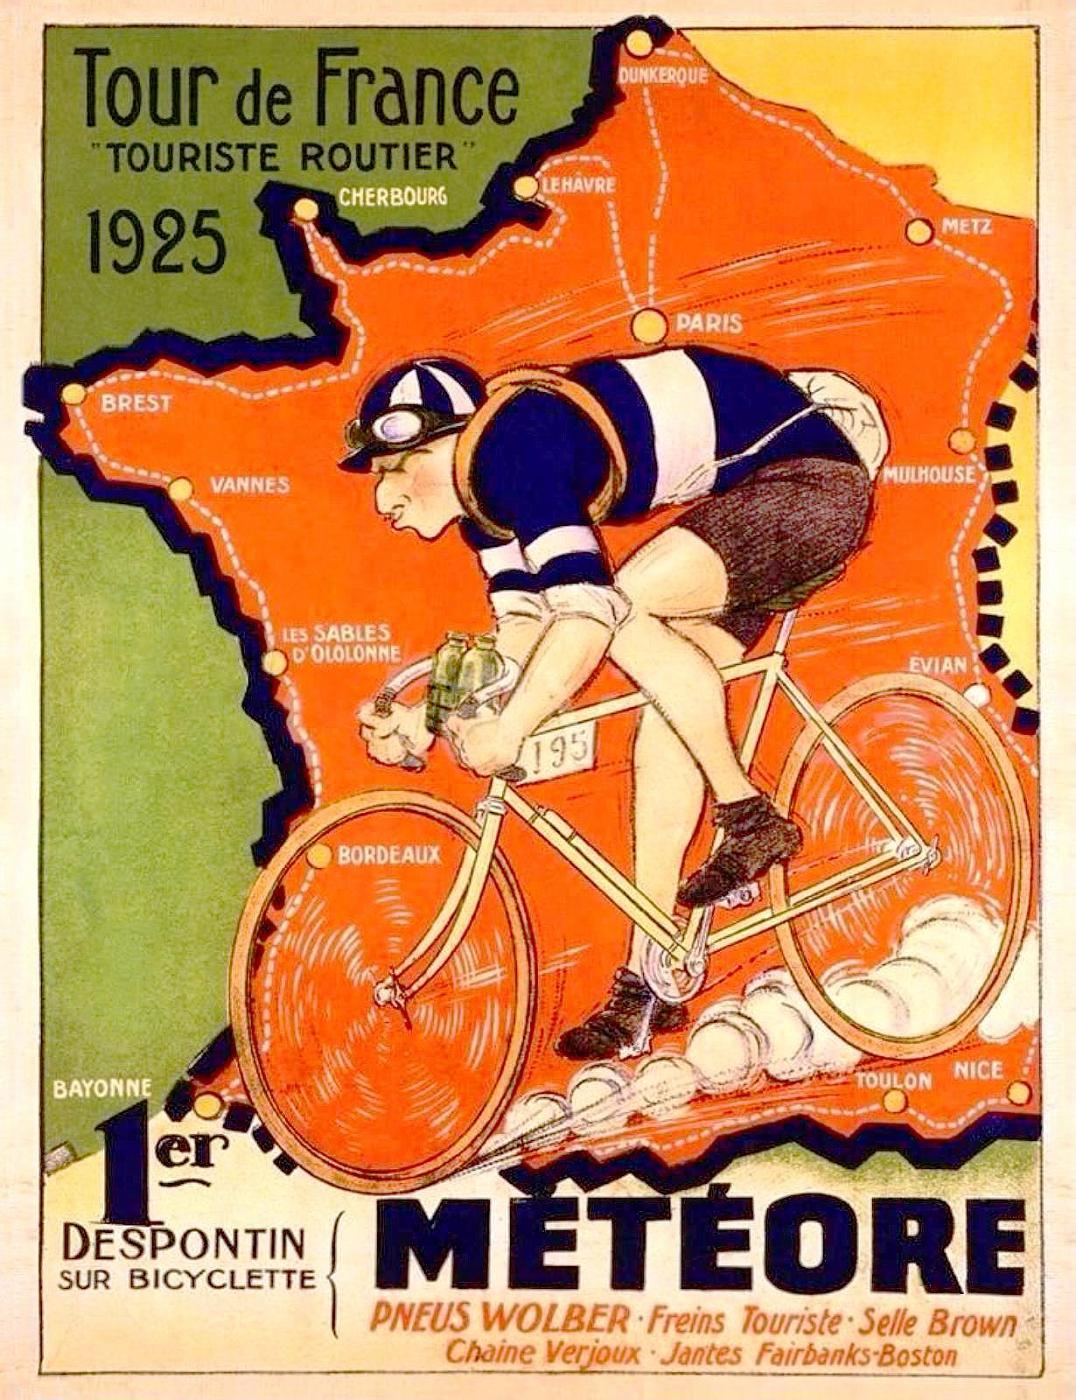 Metéore TdF 1925